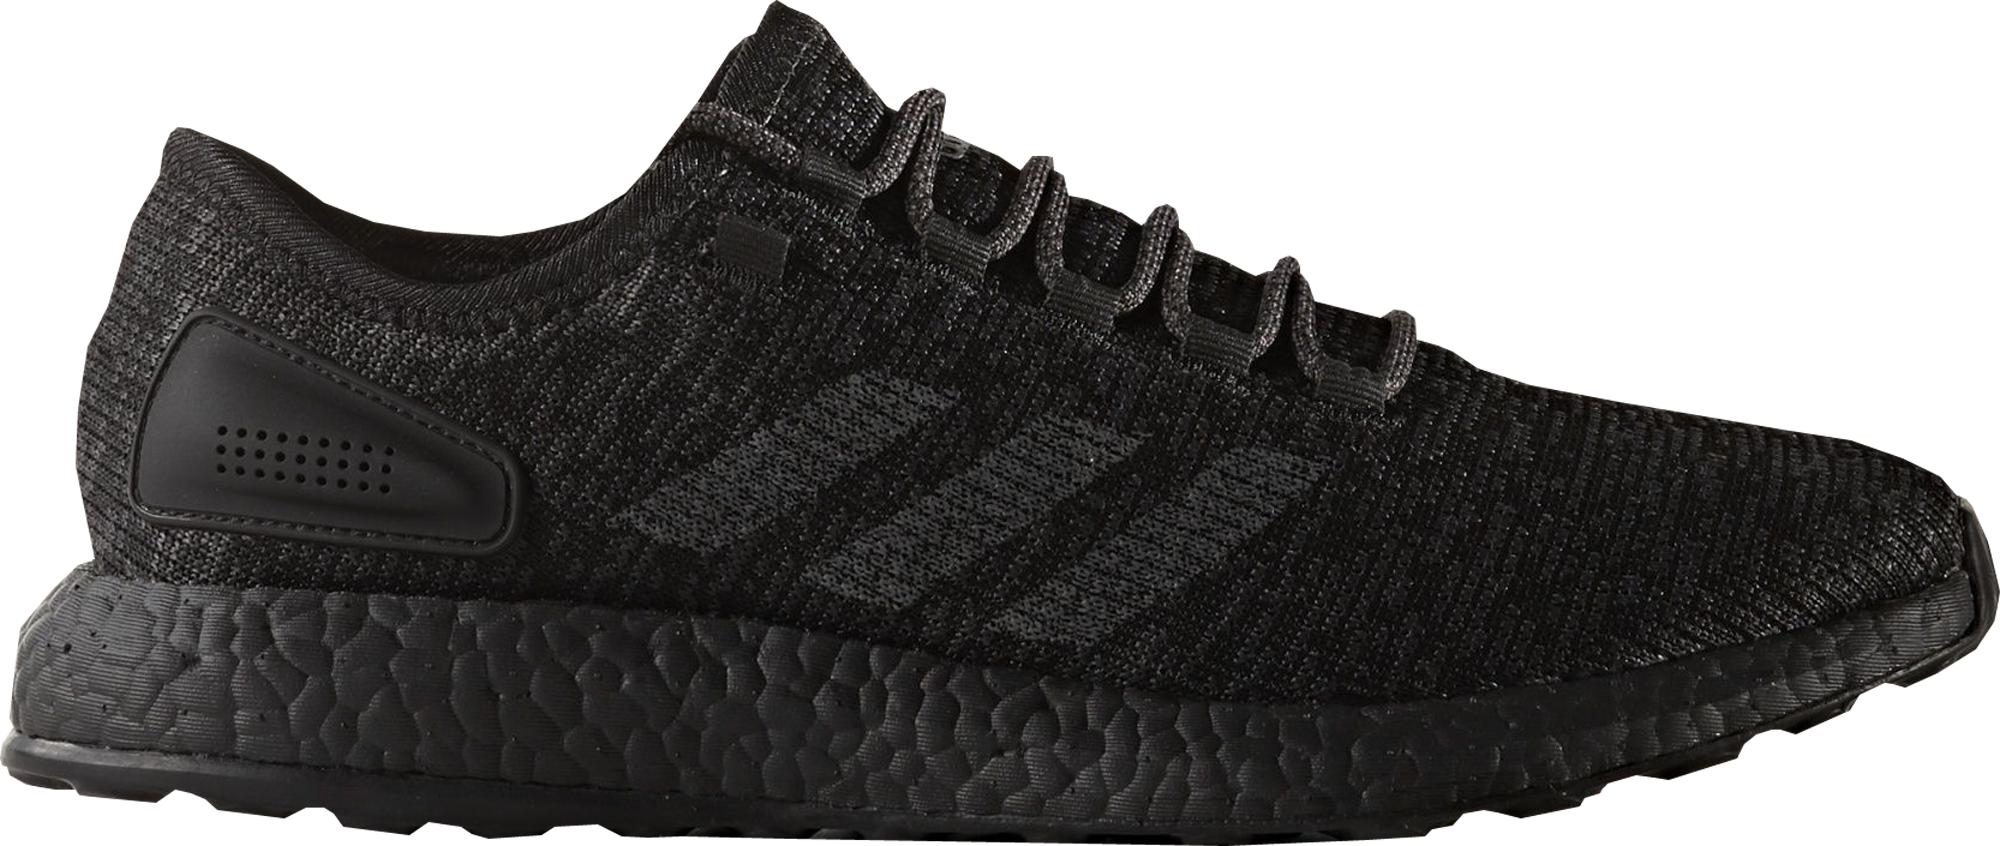 adidas Pureboost 2017 Triple Black